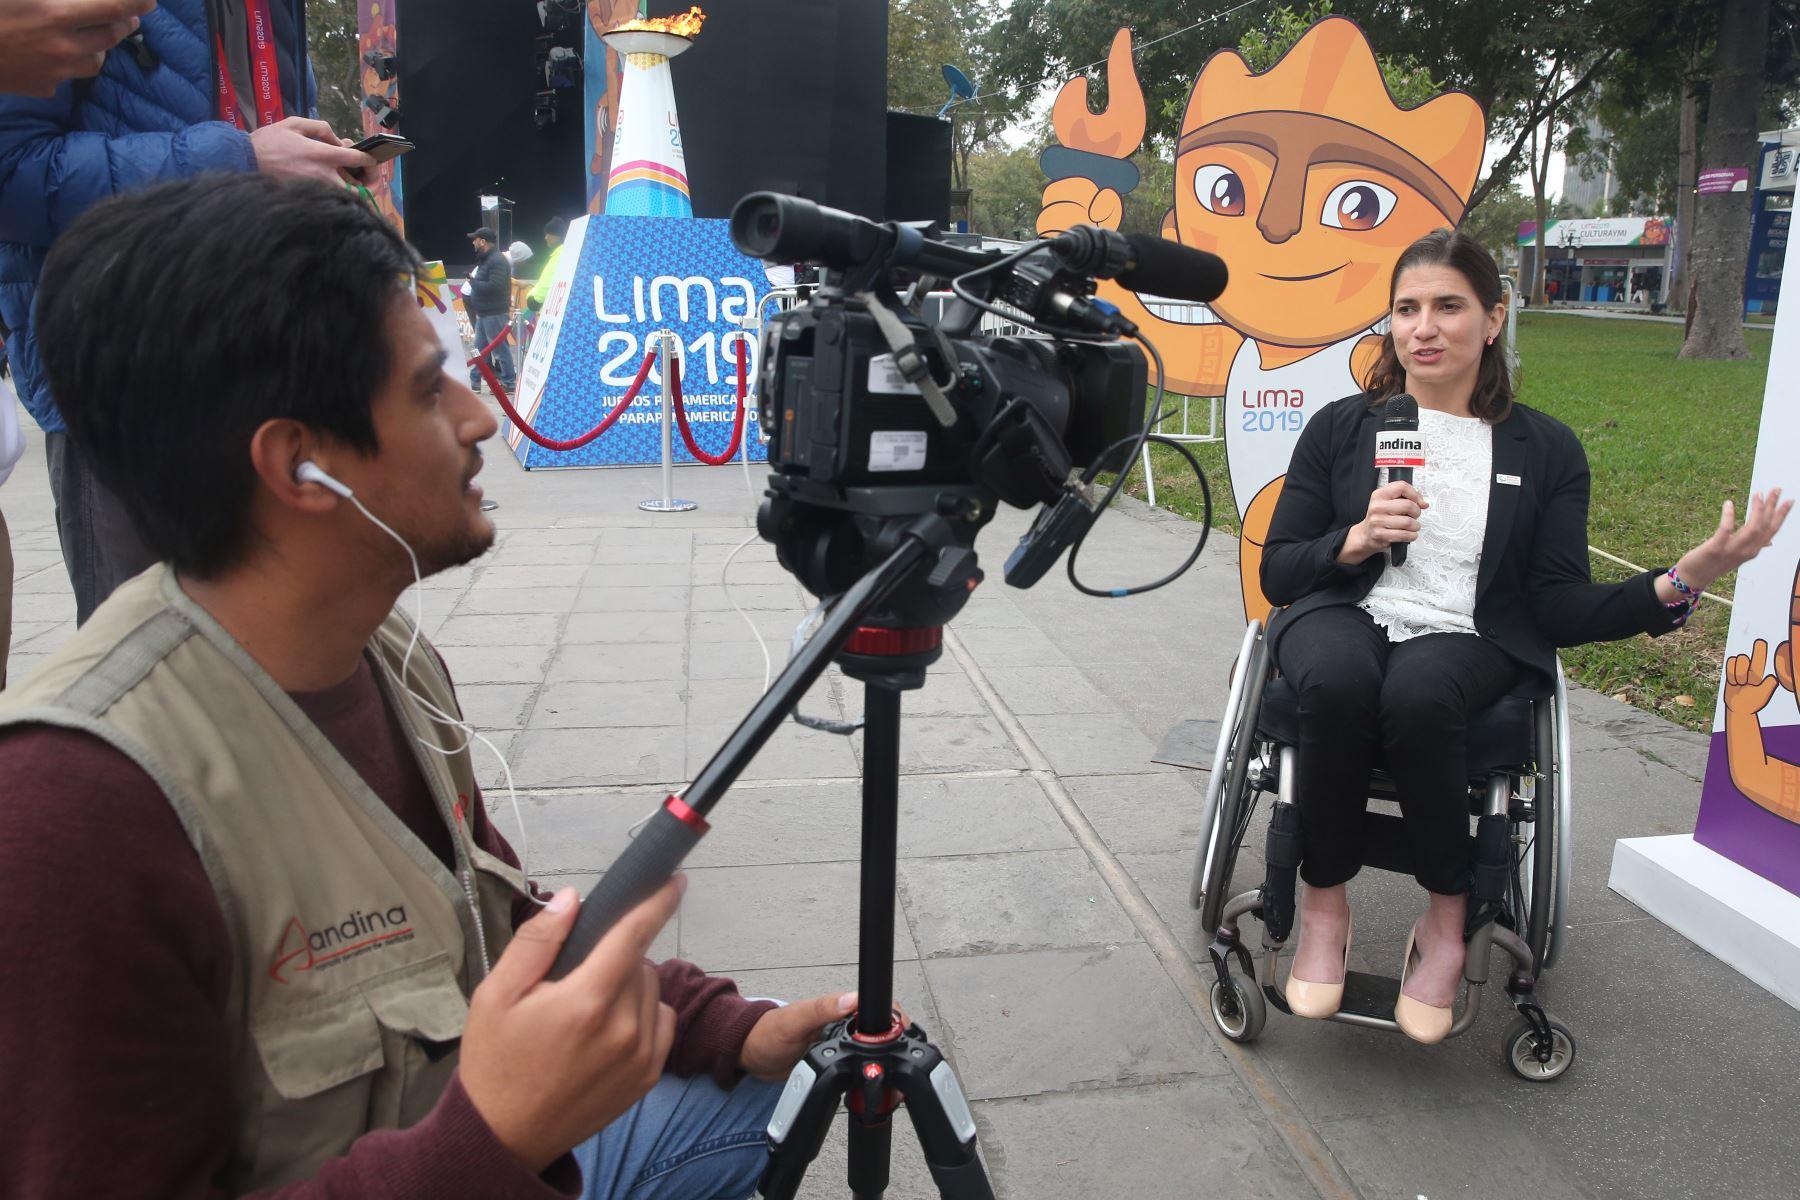 Ileana Rodríguez, Representante de Atletas del Comité Paralímpico de las Américas. Se reinicia el programa cultural Culturaymi Lima 2019, en el marco de los Juegos Parapanamericanos Lima 2019.  Foto: ANDINA/Eddy Ramos